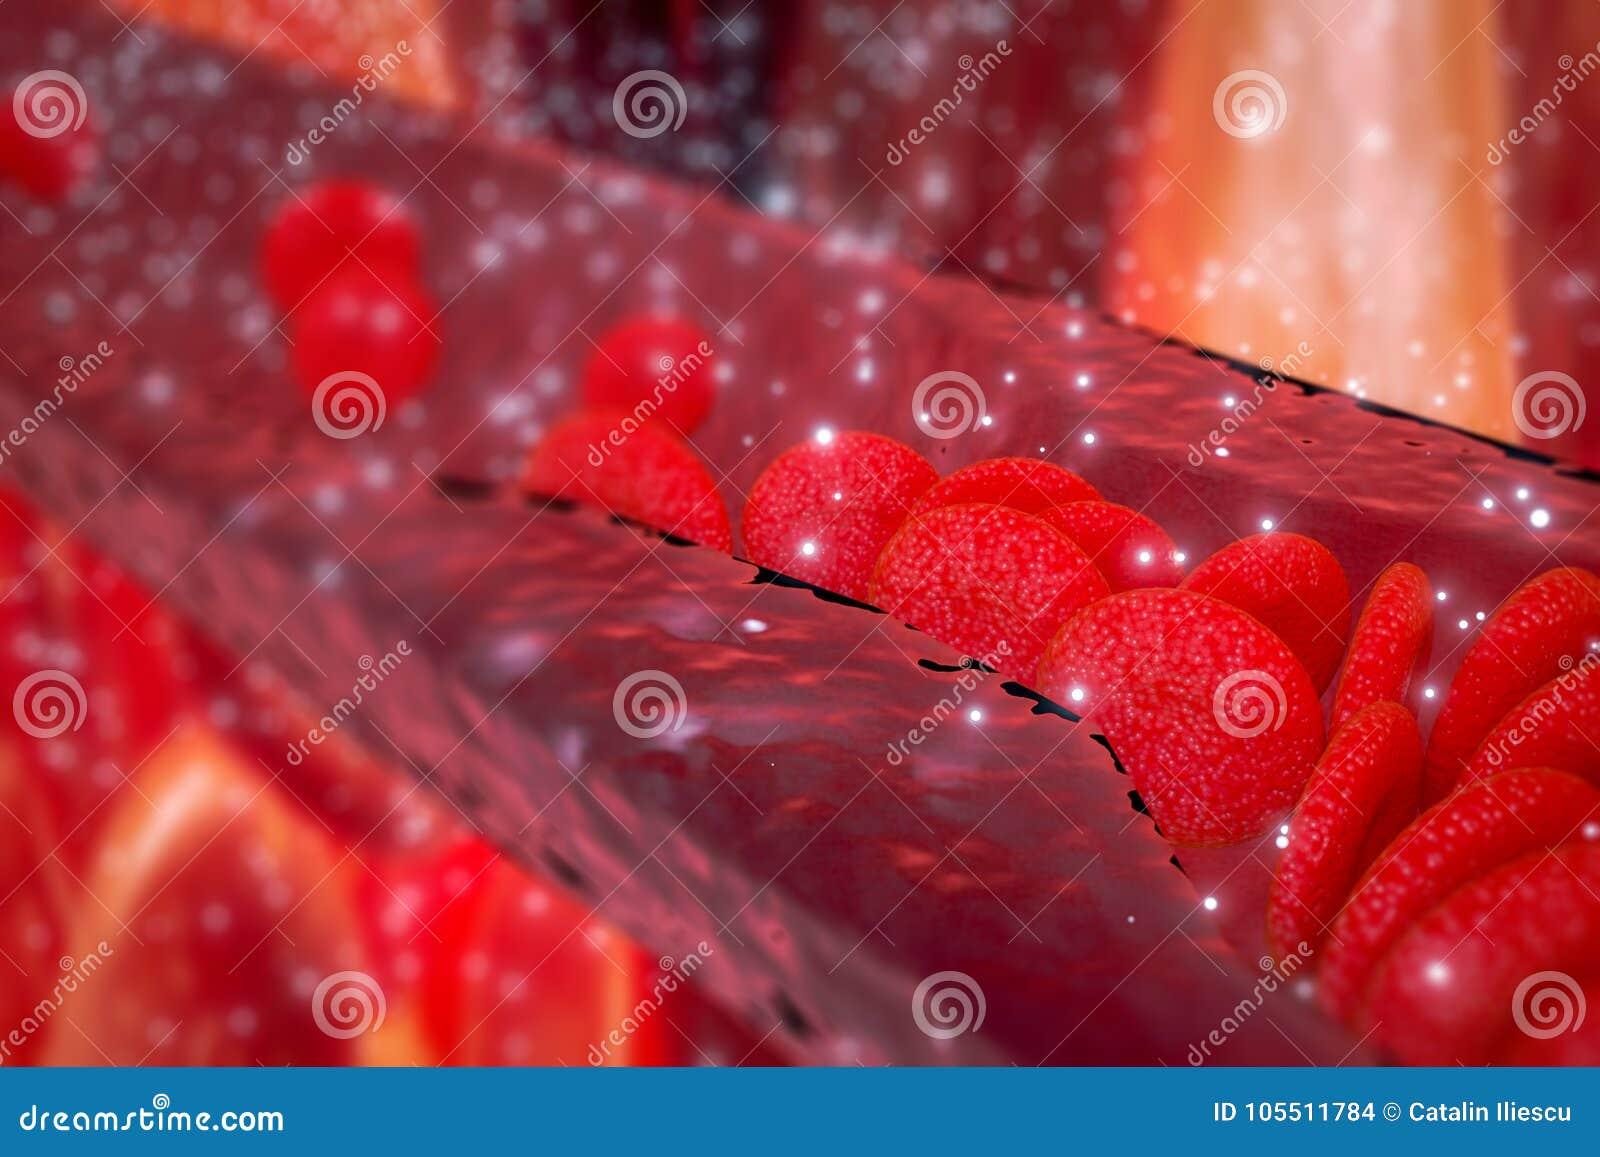 Cholesterol plakieta w arterii, naczynie krwionośne z bieżącymi komórkami krwi